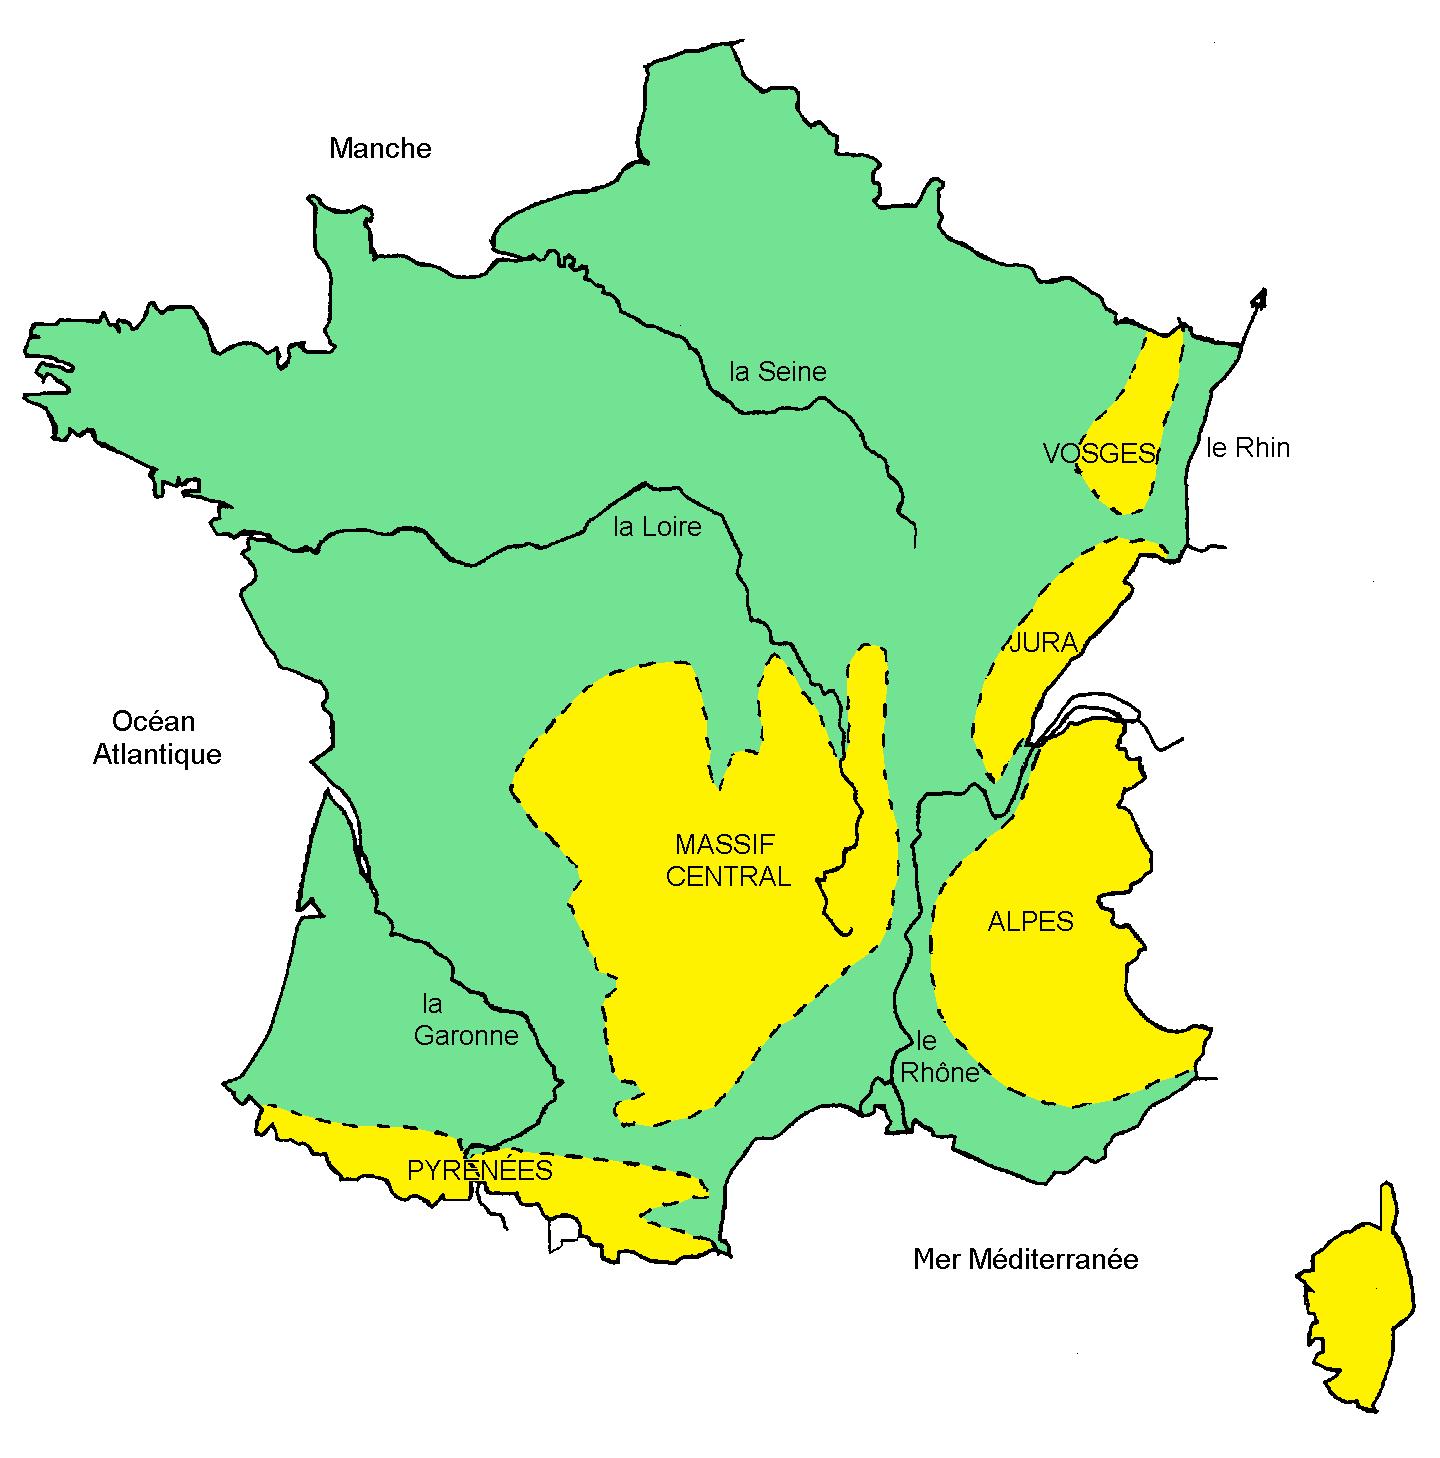 Carte De France Fleuves Et Montagnes » Vacances - Arts dedans Carte Des Fleuves De France